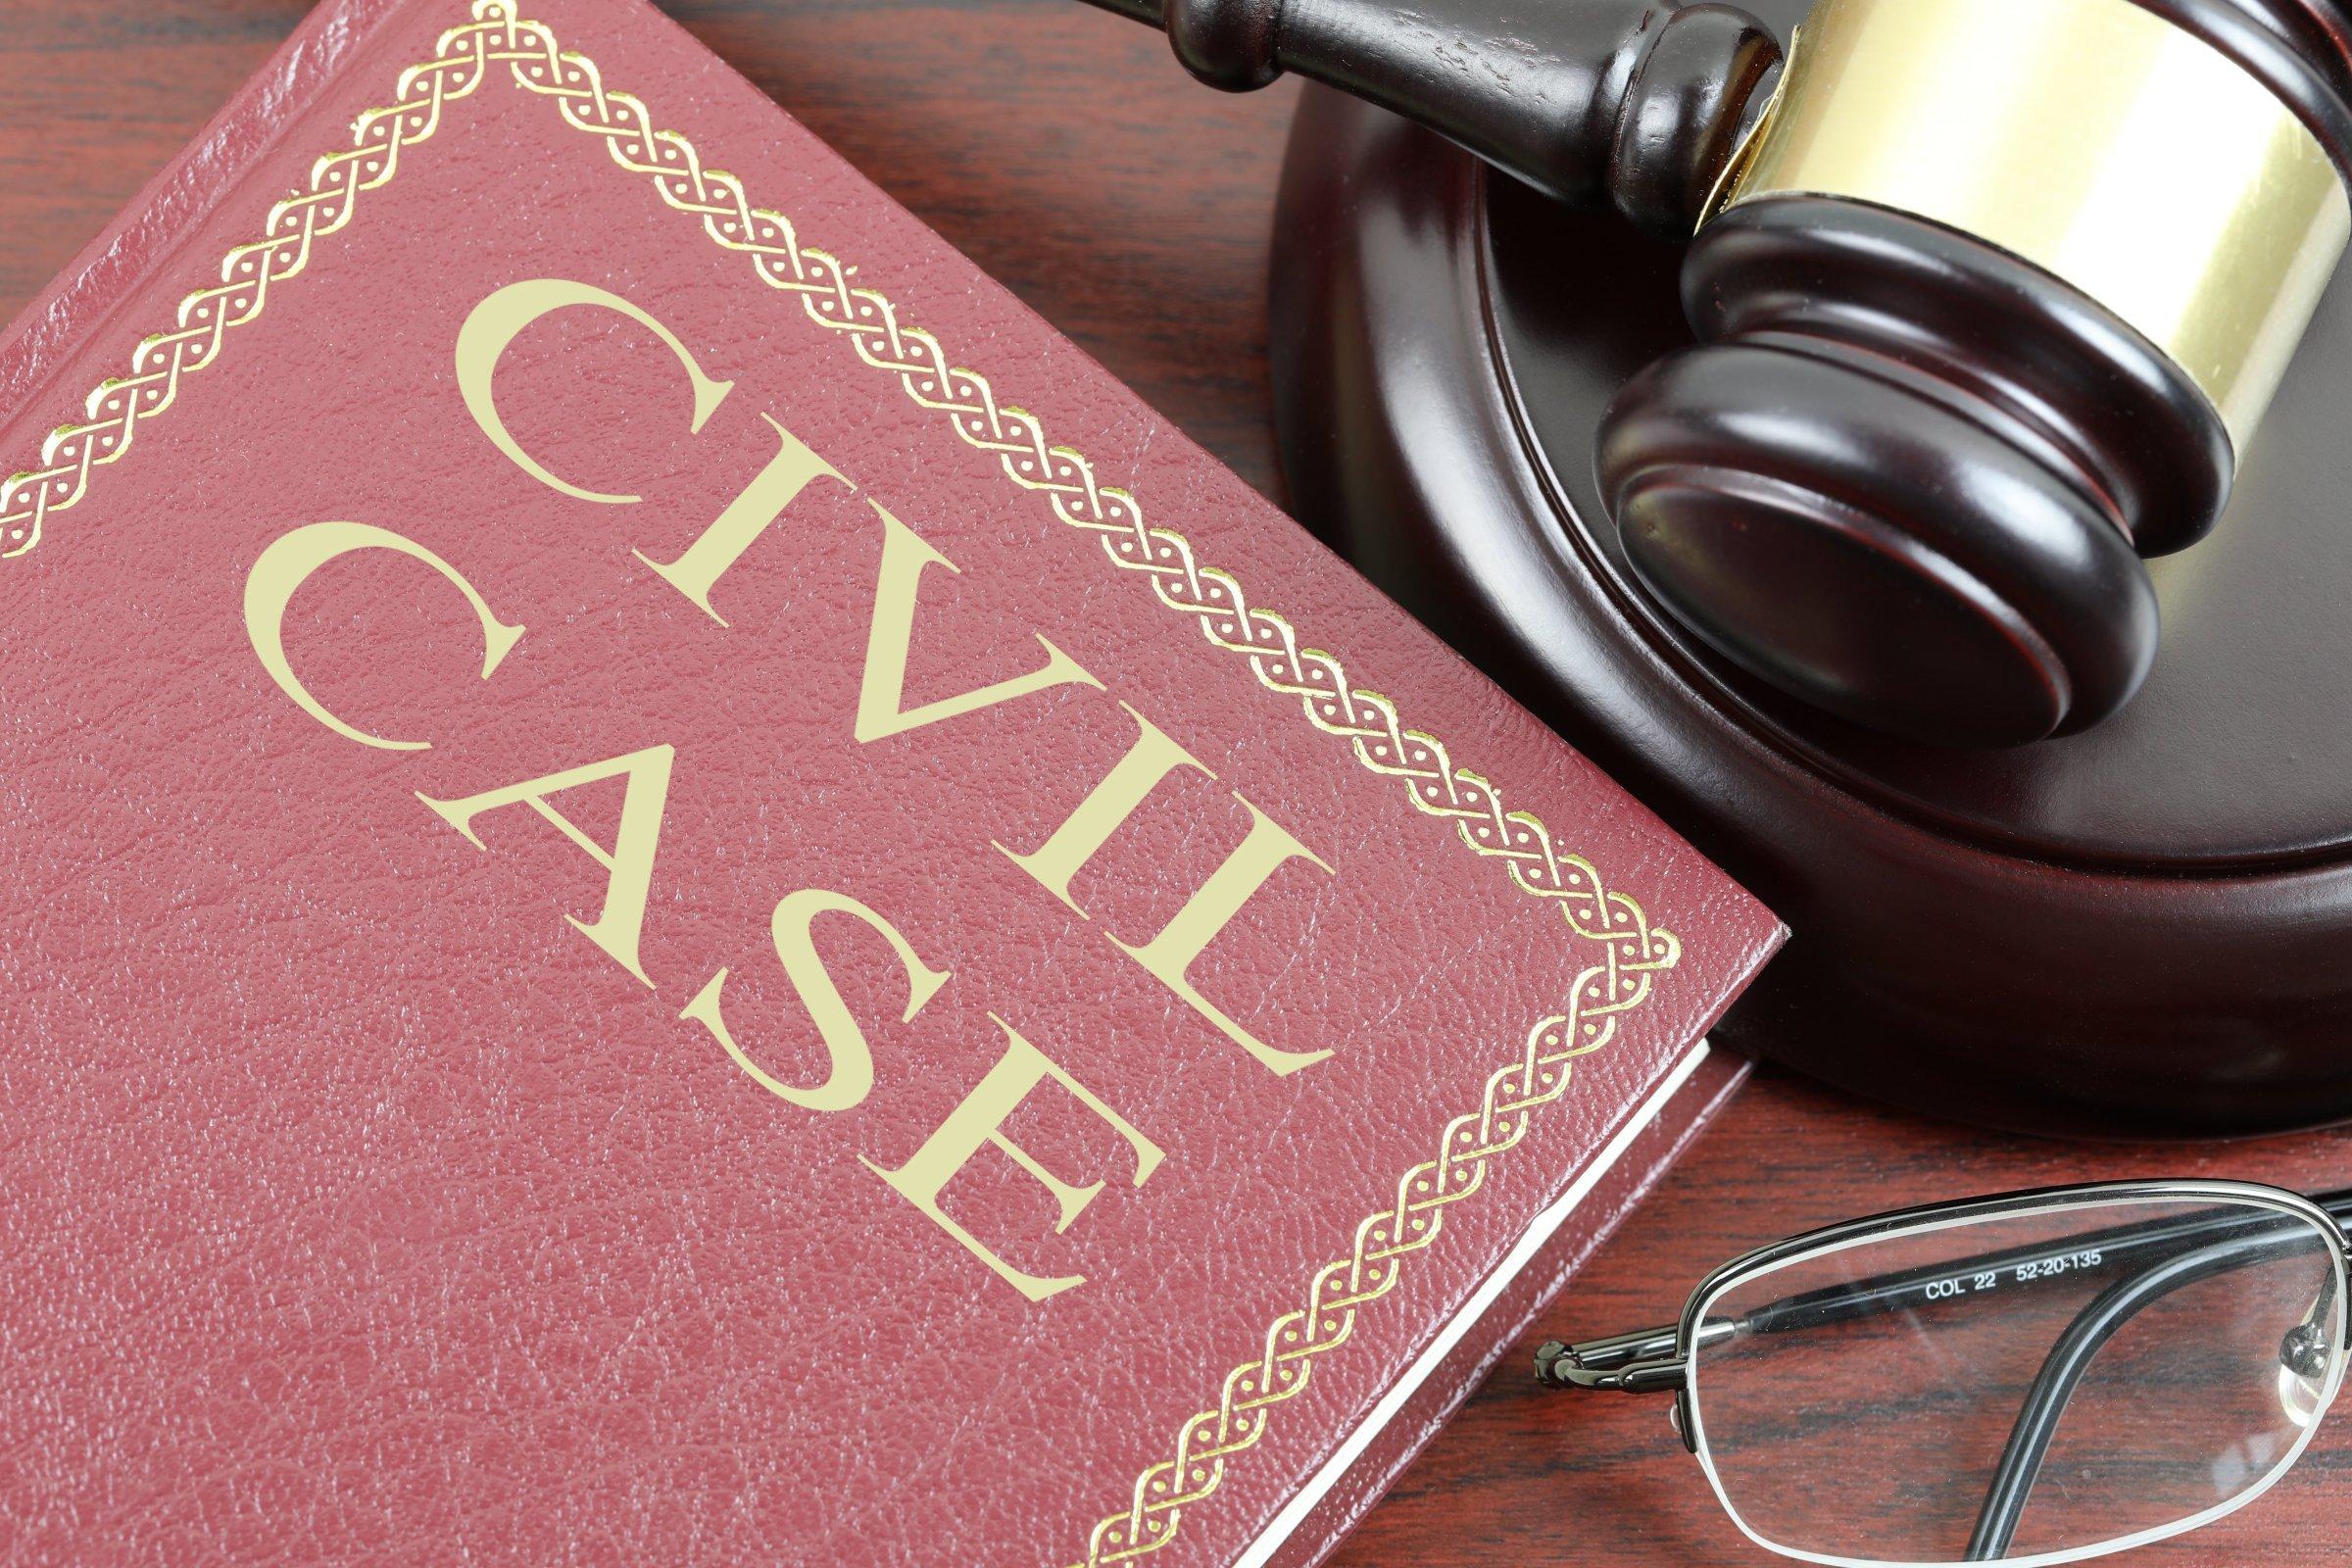 Civil Case